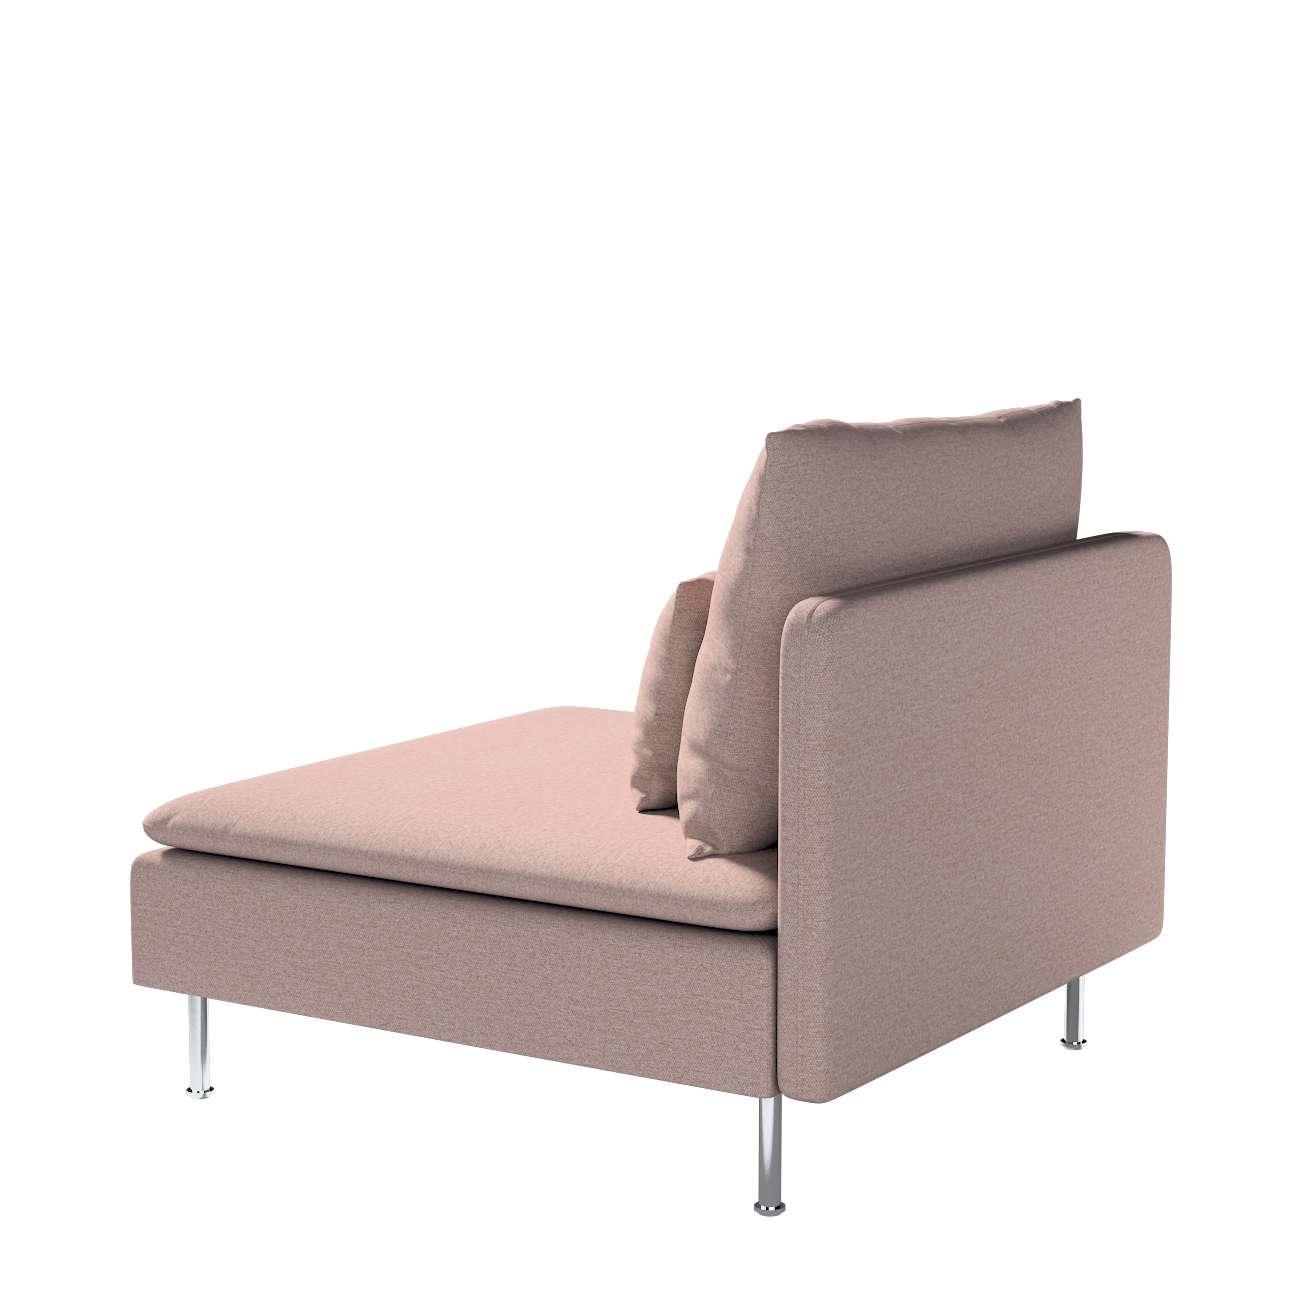 Bezug für Söderhamn Sitzelement 1 von der Kollektion Madrid, Stoff: 161-88